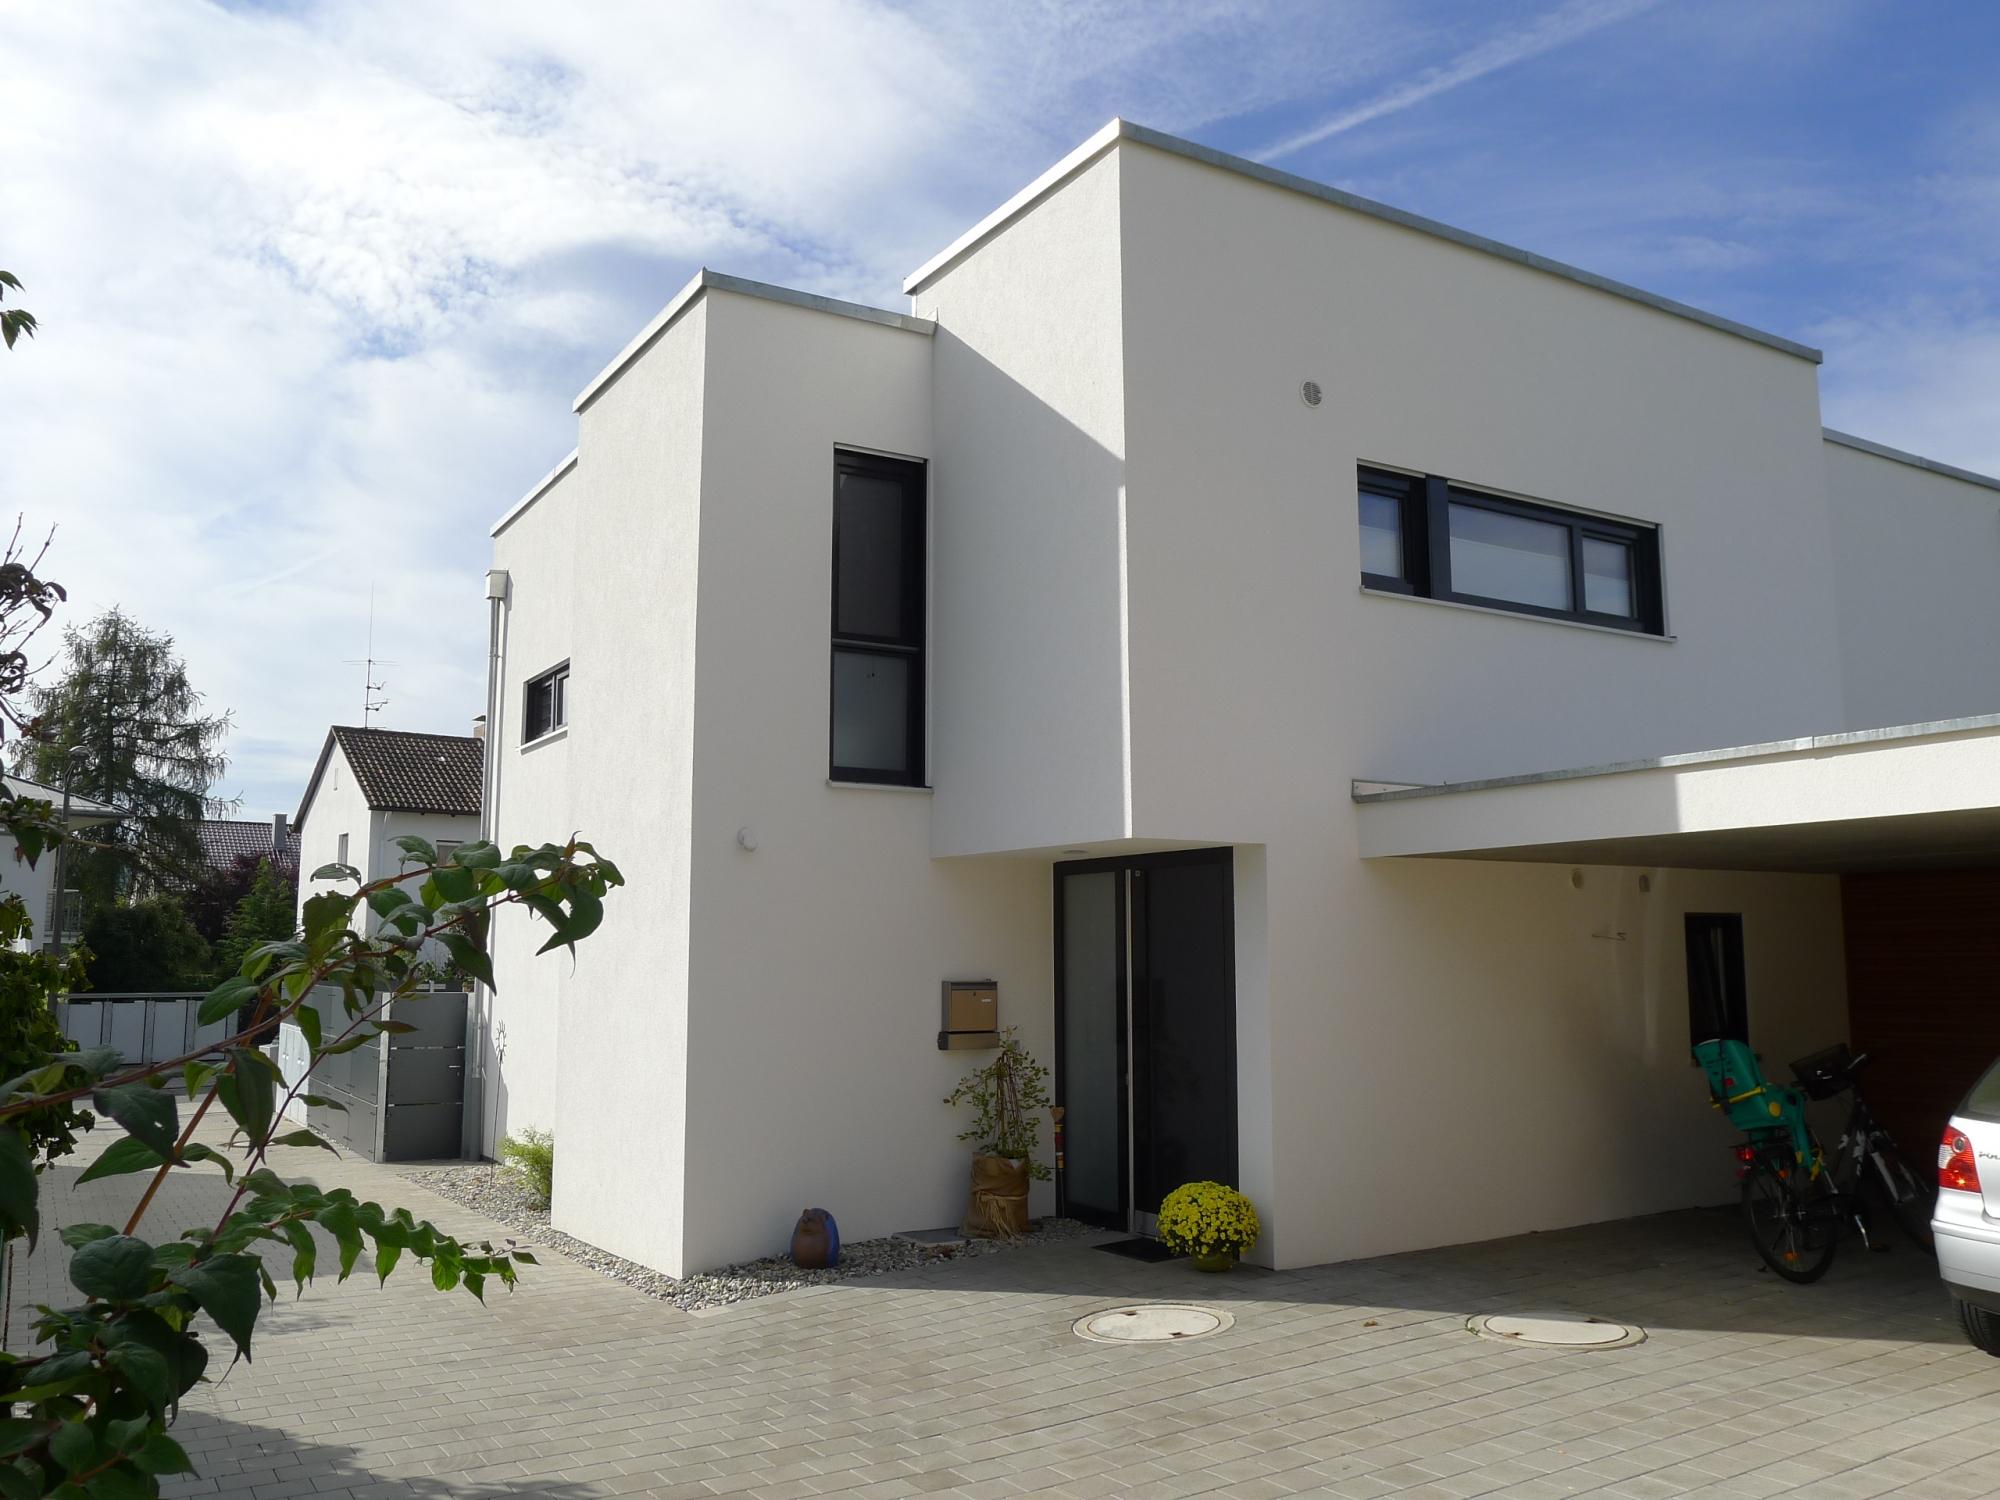 Einfamilienhaus mit moderner Architektur | Zapf Daigfuss